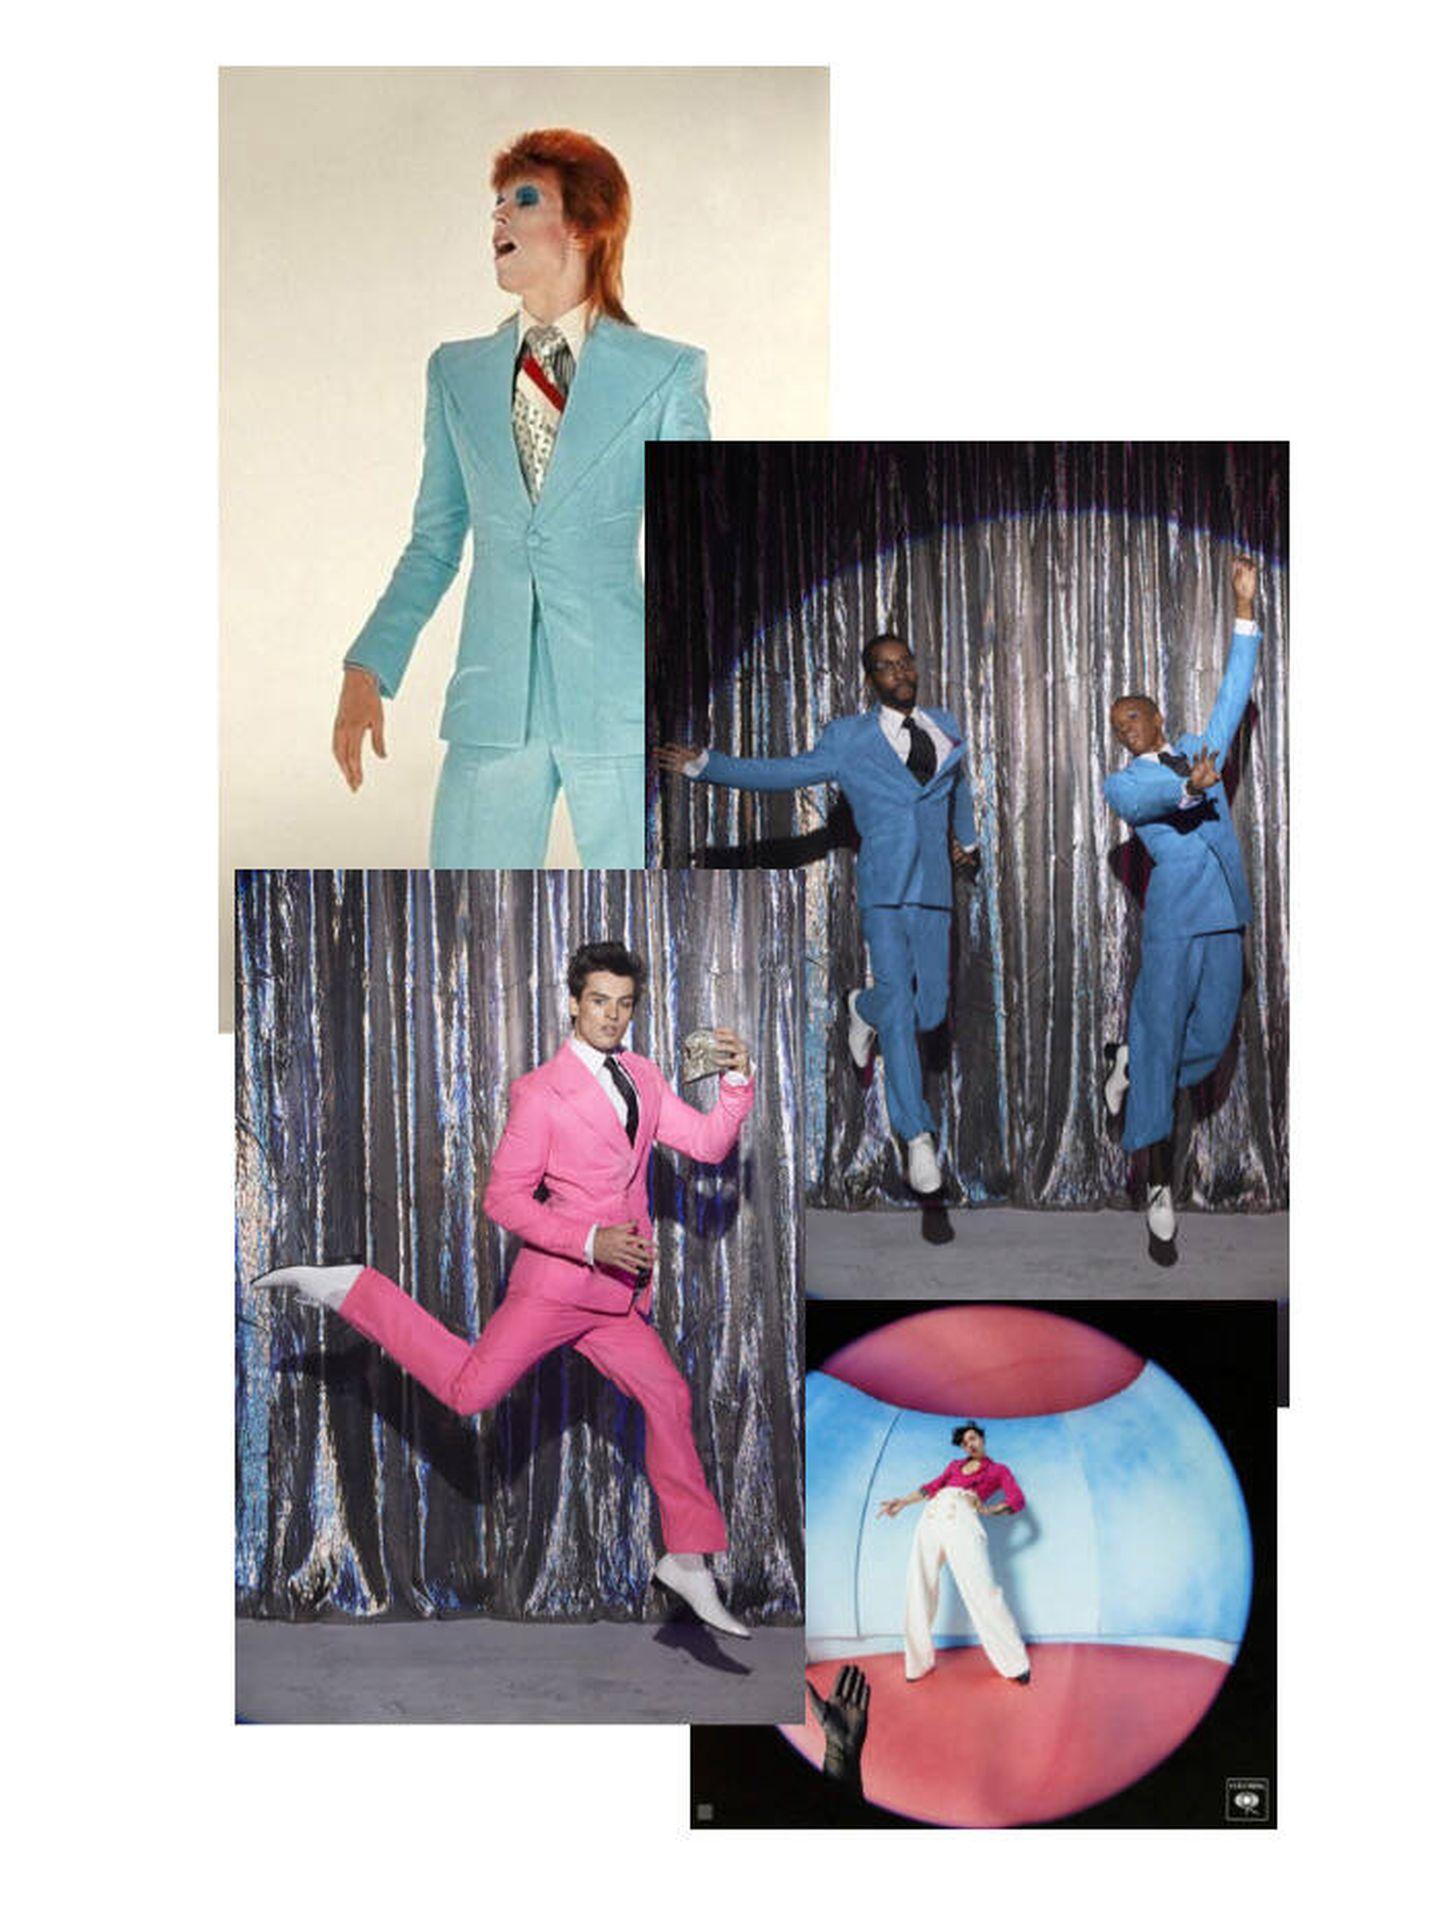 Diseños de la firma Wolk Morais / David Bowie, portada del disco 'Fine Line' de Harry Styles. (Montaje)